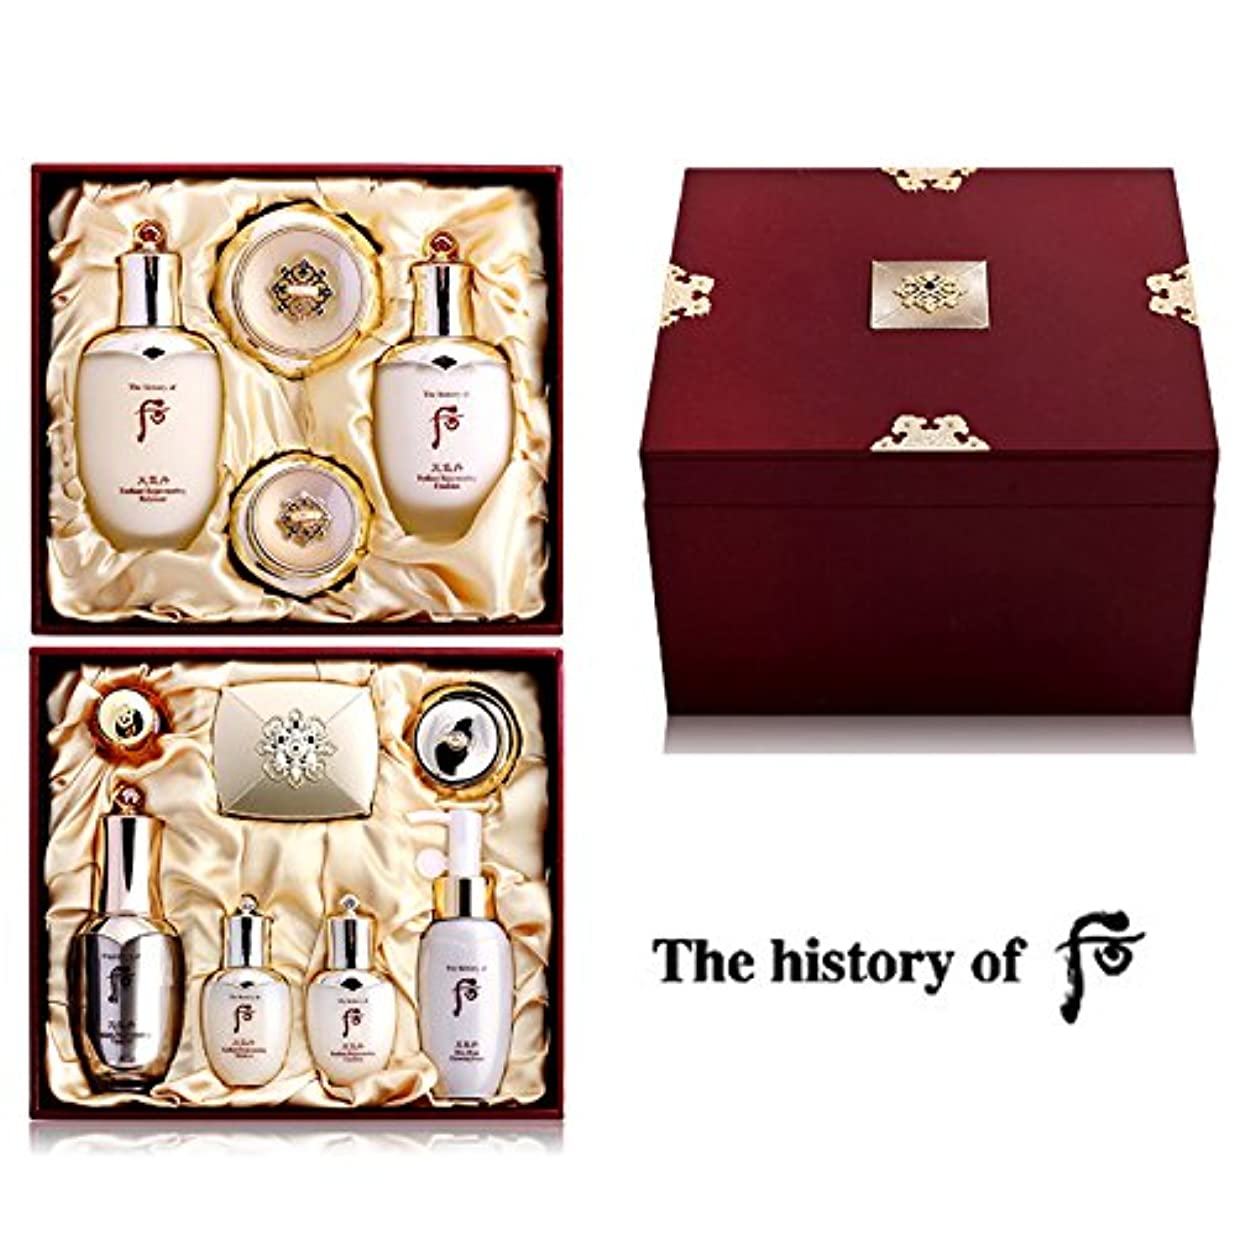 飲料天パブ【フー/The history of whoo] 天気丹 王侯(チョンギダン ワンフ) セット/Chonghi Dan Queen Special Set+[Sample Gift](海外直送品)